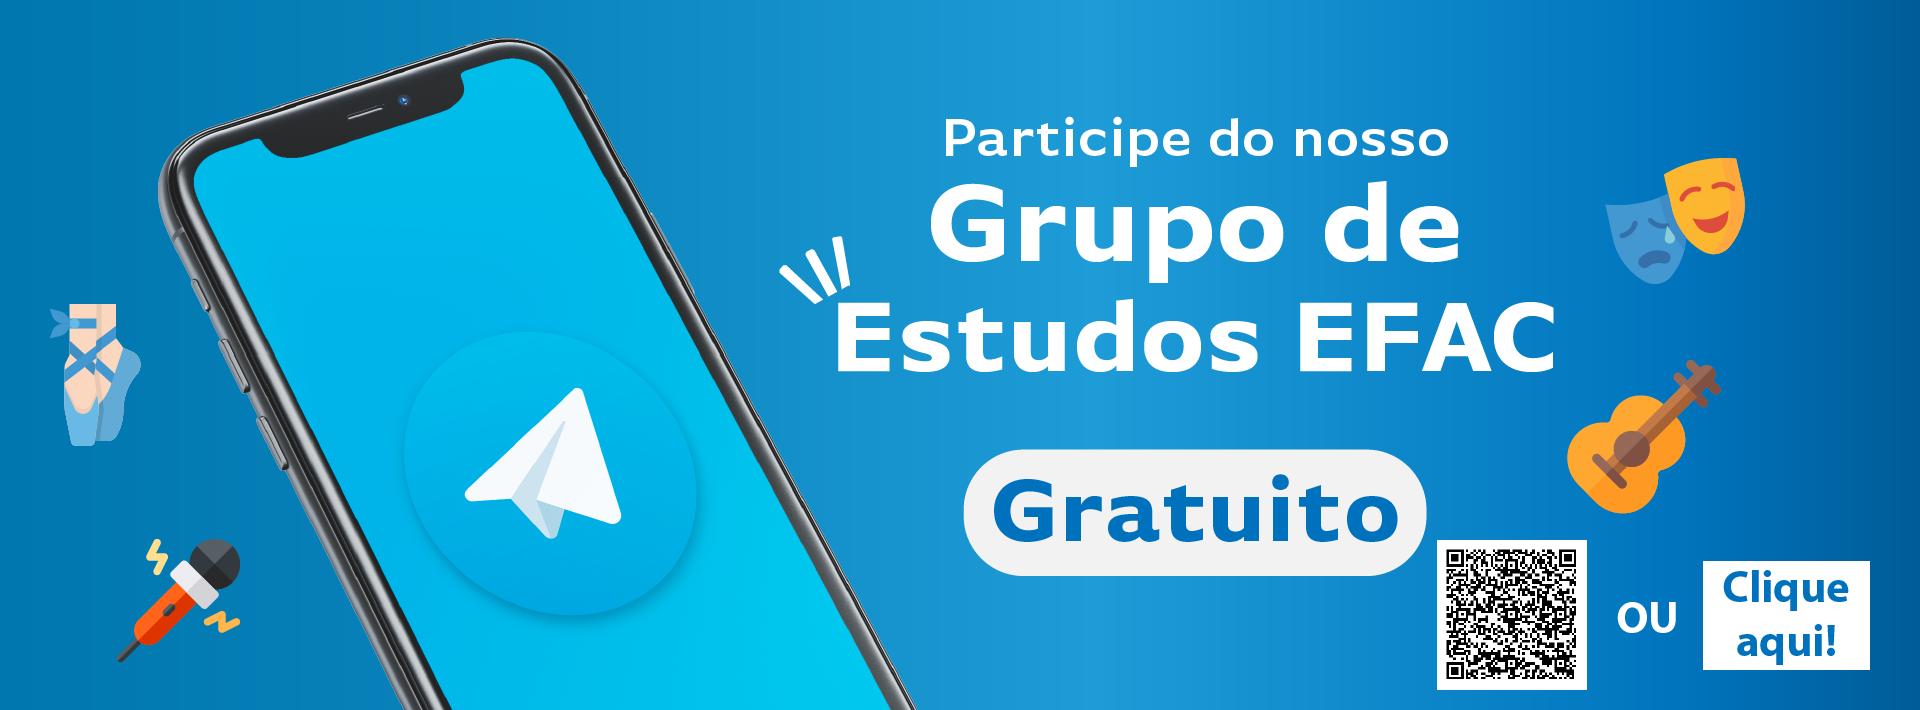 Grupo telegram Efac Comunidade Recado